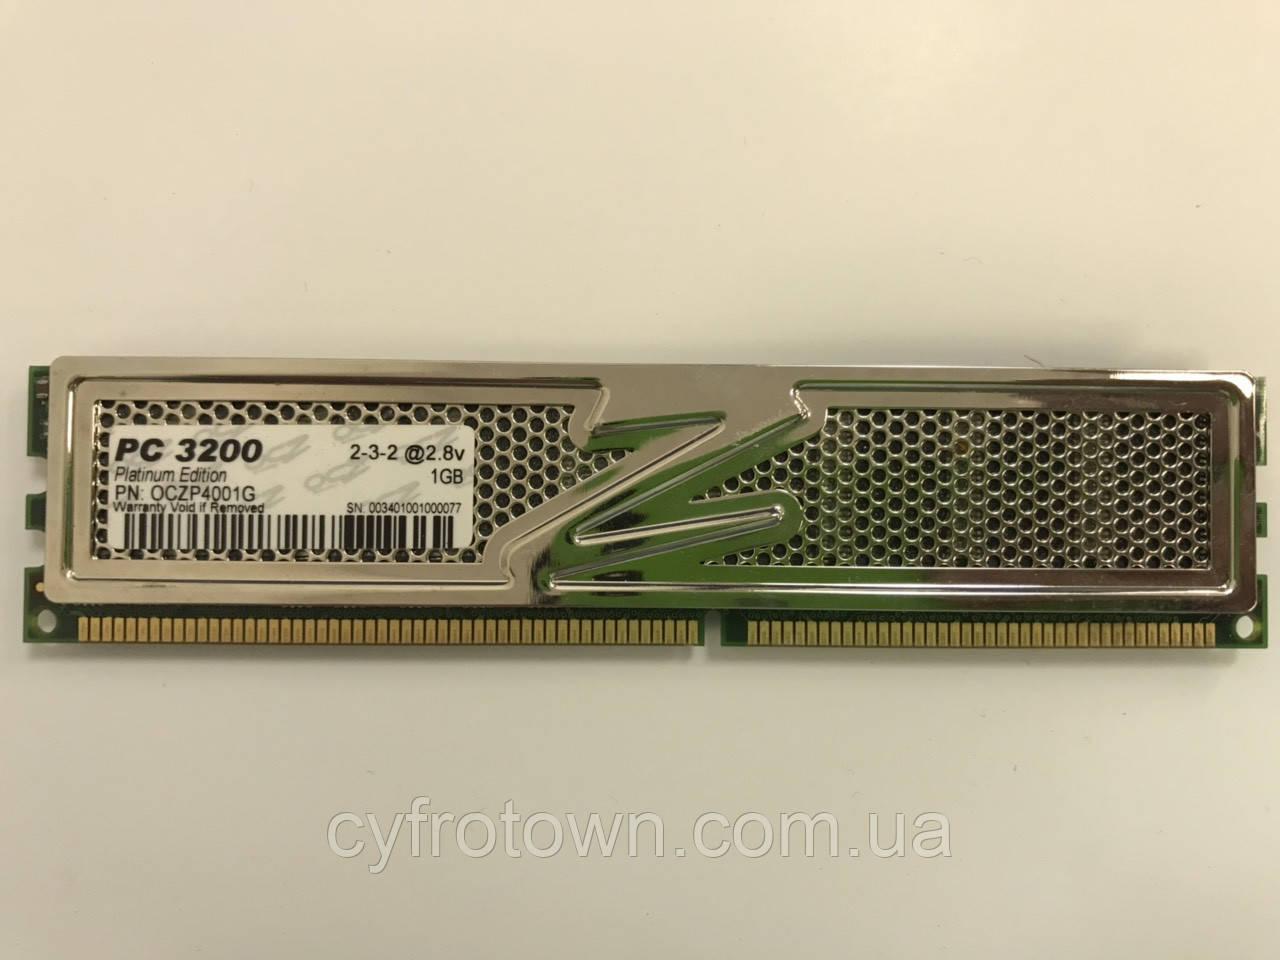 Оперативная память OCZ Platinum Edition 1gb PC2 3200 400MHz універсальна під Intel та AMD ПК бу